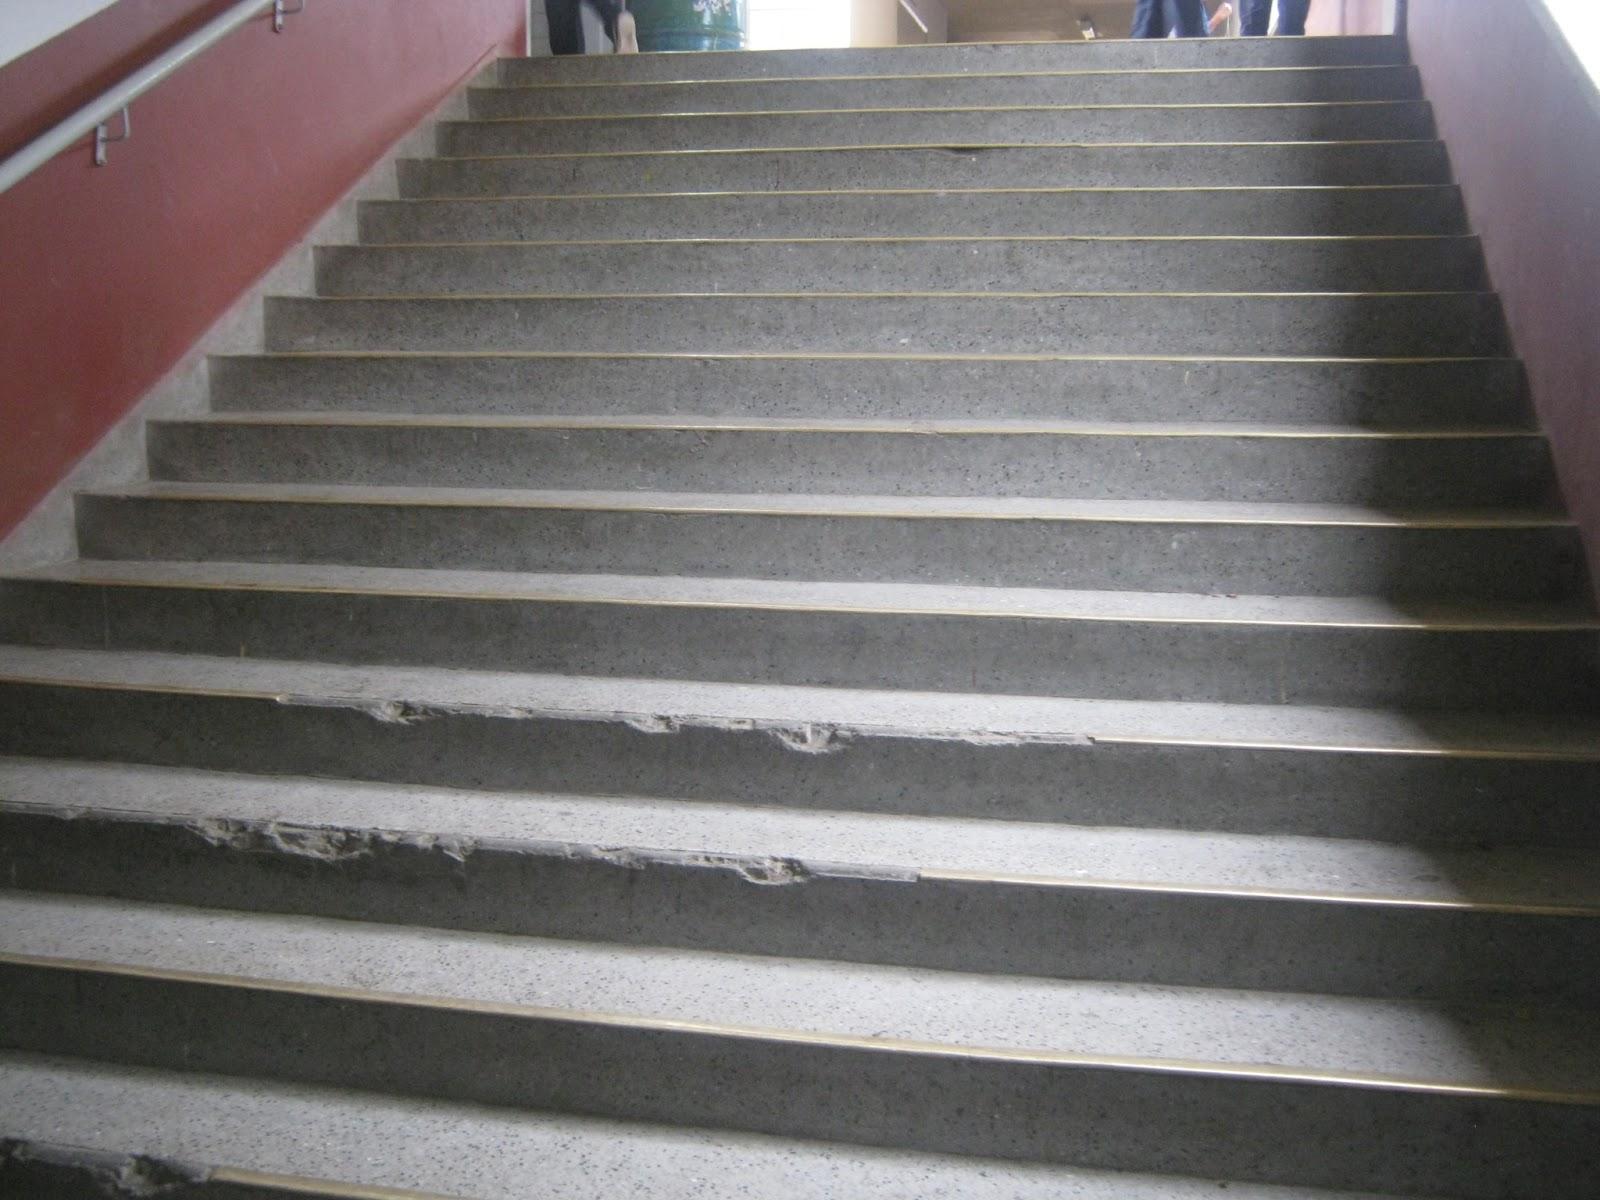 Trabajo de fotografia seriacion for Escaleras infinitas